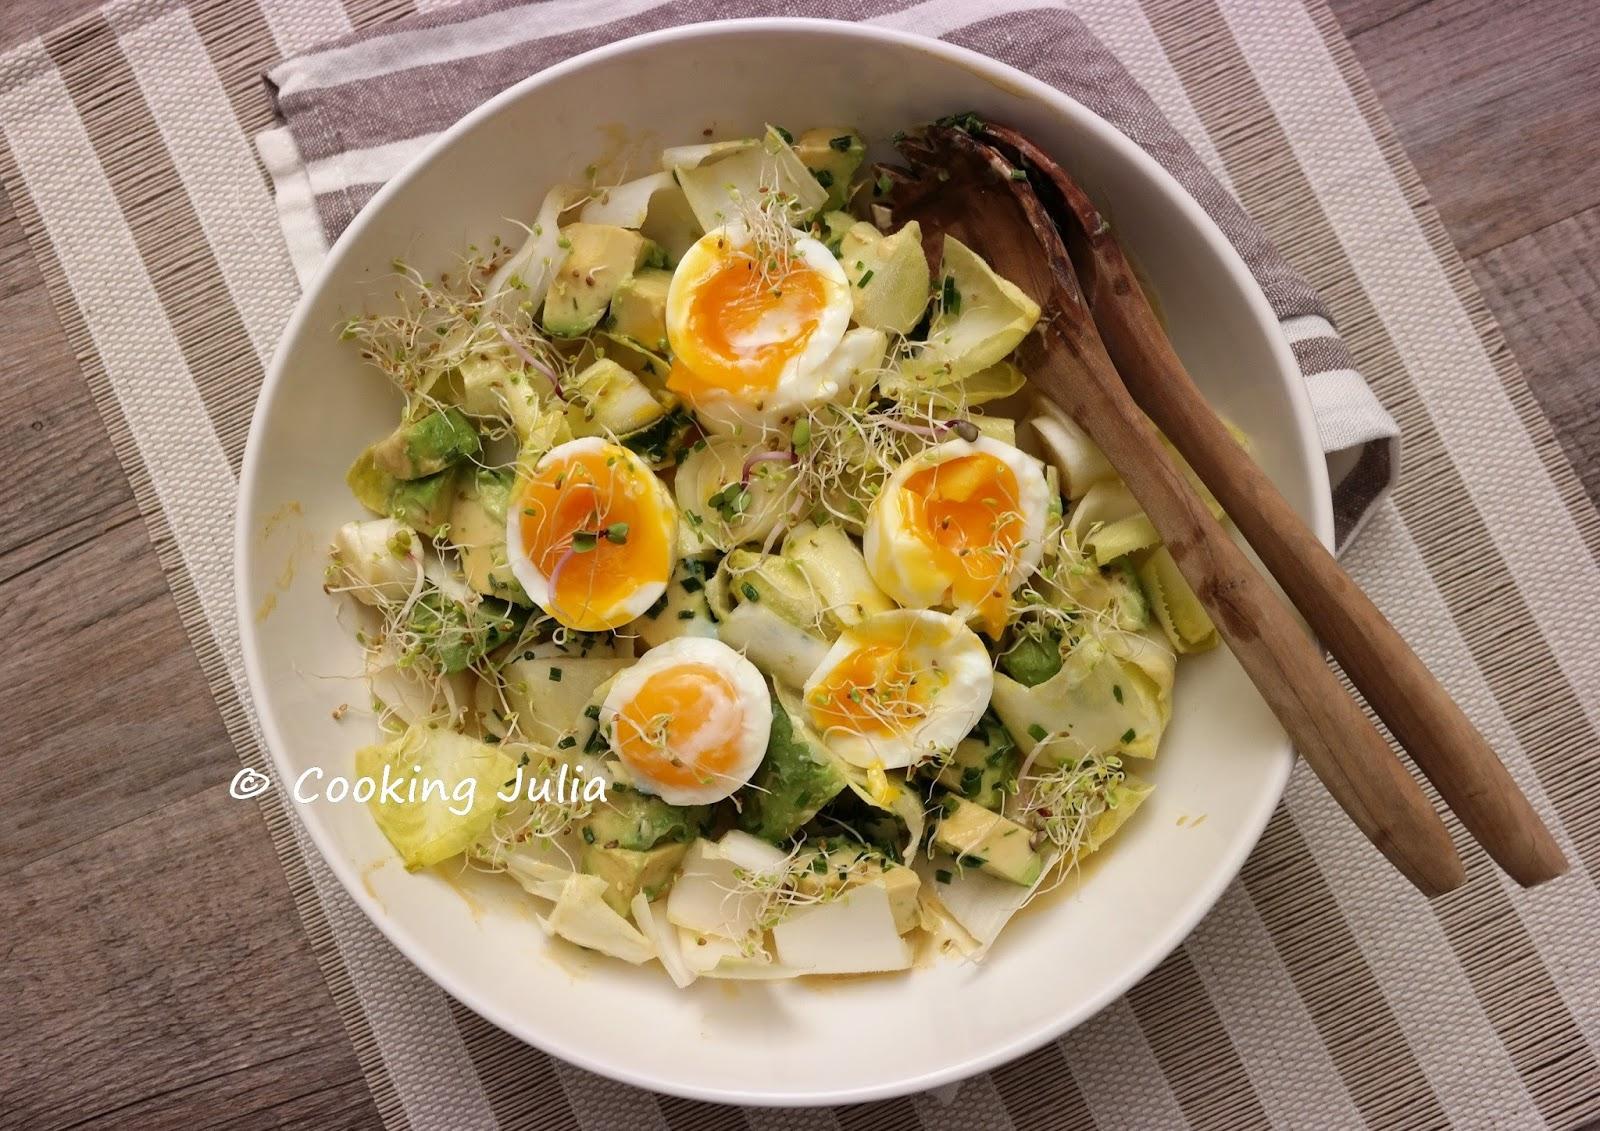 cooking julia salade d 39 endives aux ufs mollets. Black Bedroom Furniture Sets. Home Design Ideas